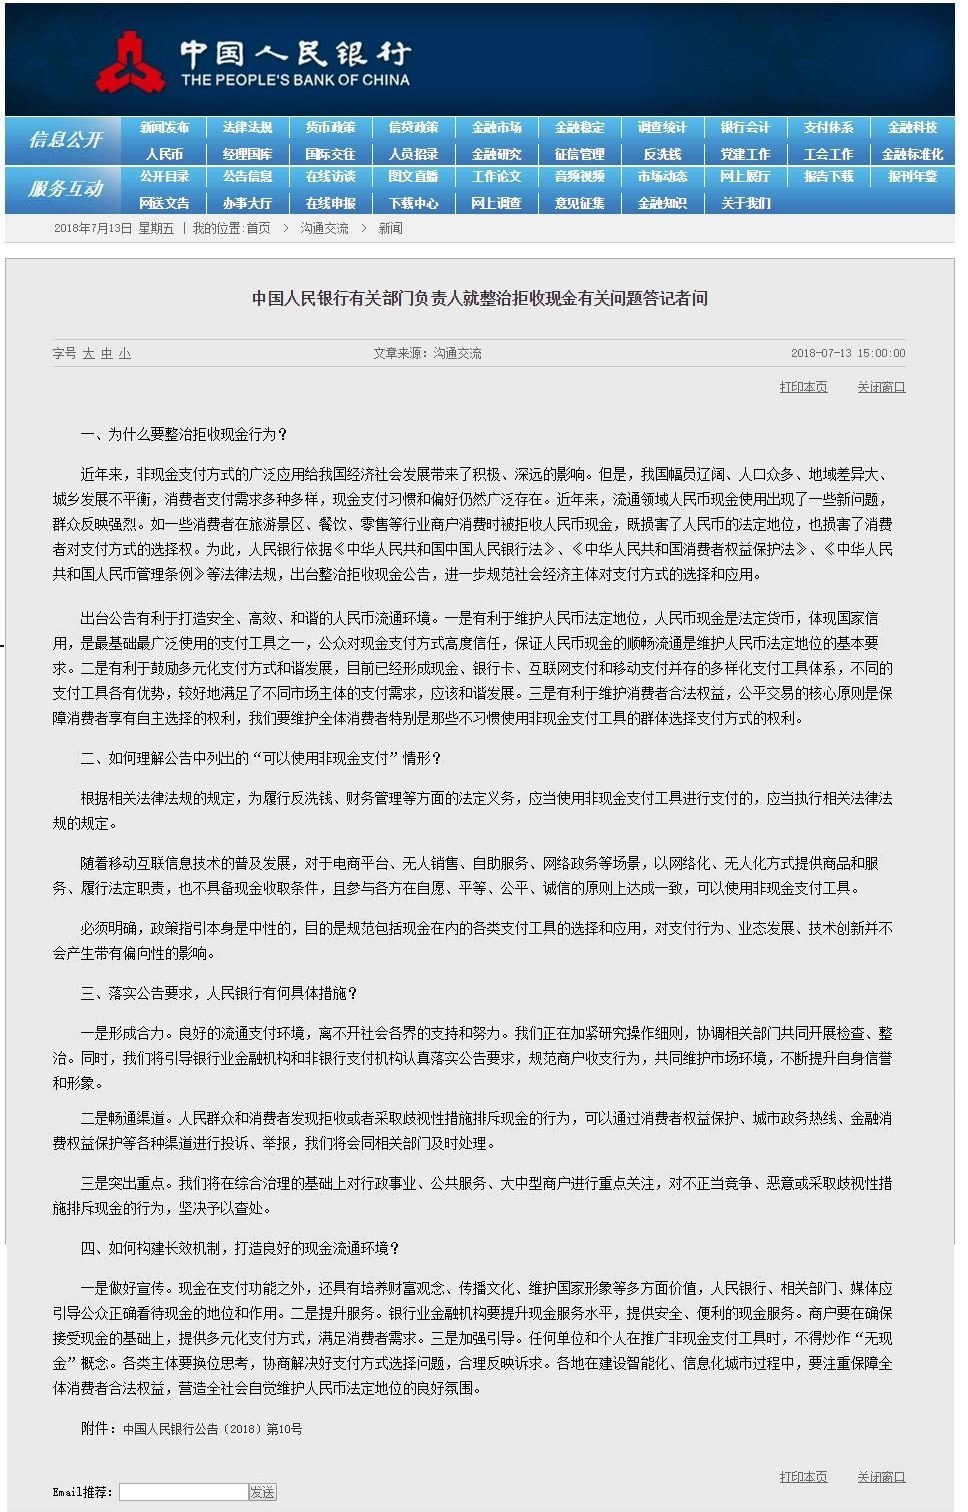 中國人民銀行整治拒收現金。中國人民銀行官網截圖